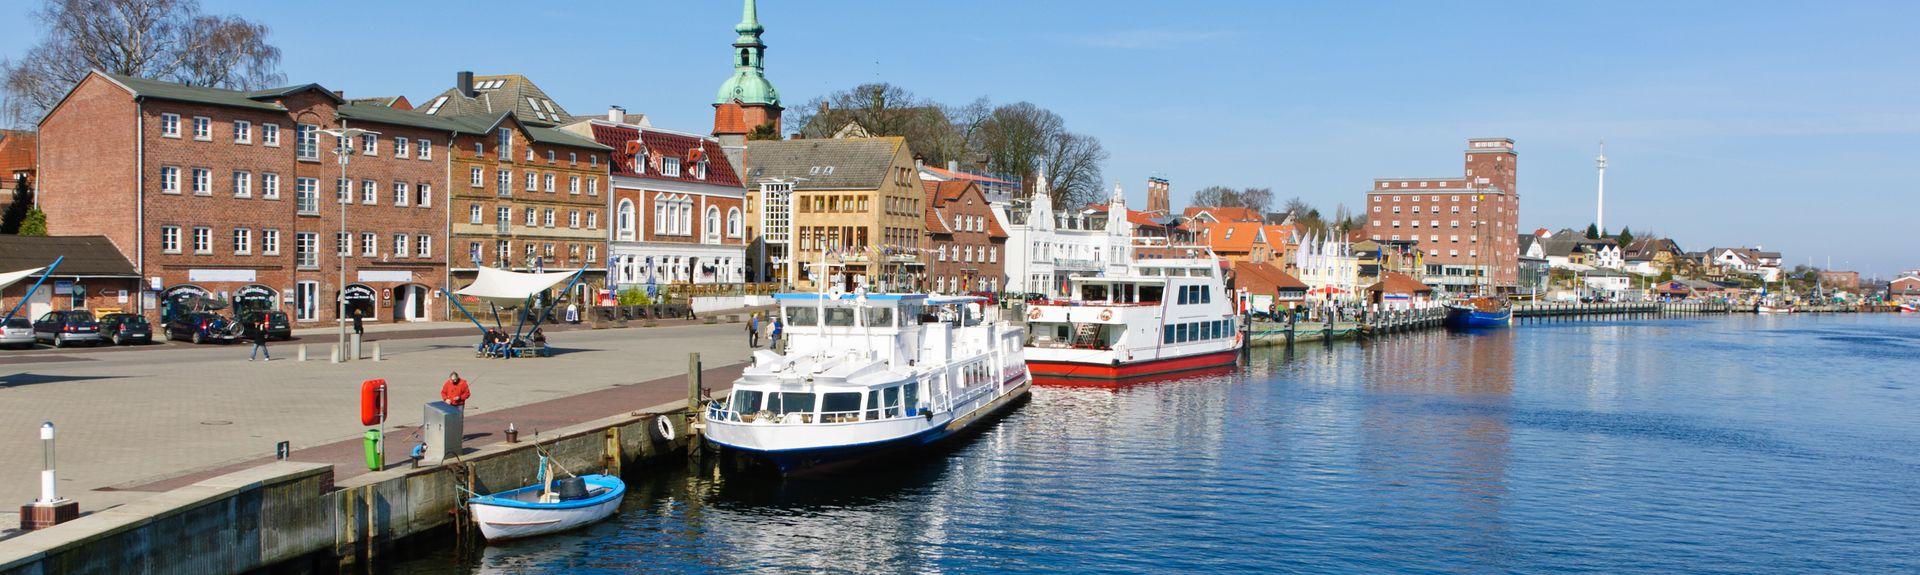 Kappeln, Schleswig-Holstein, Duitsland